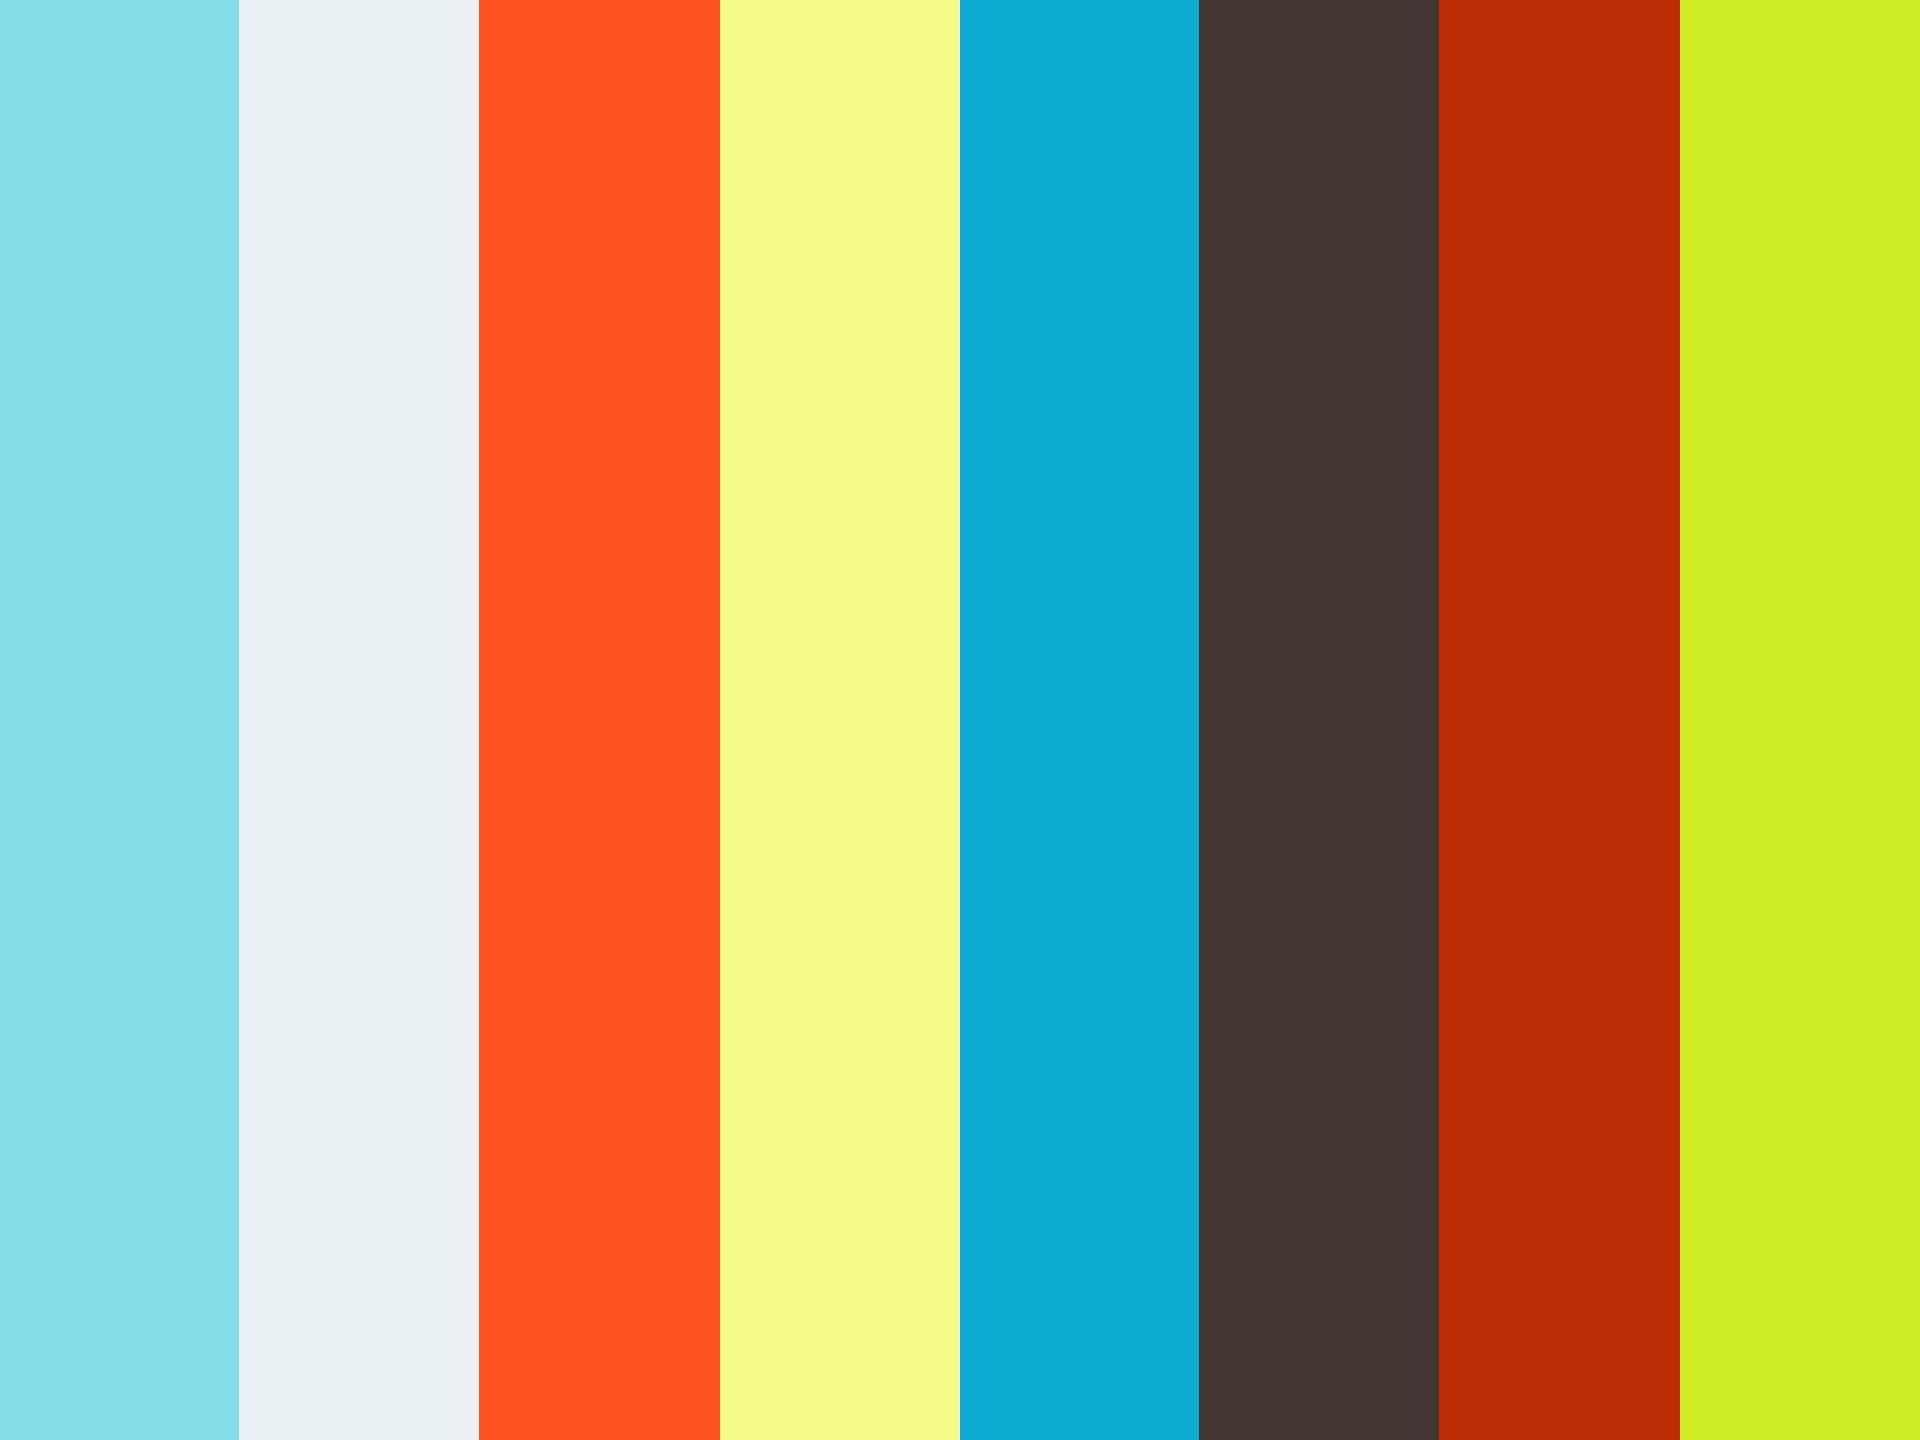 Kleurplaat op zondag 29 11 15 on Vimeo